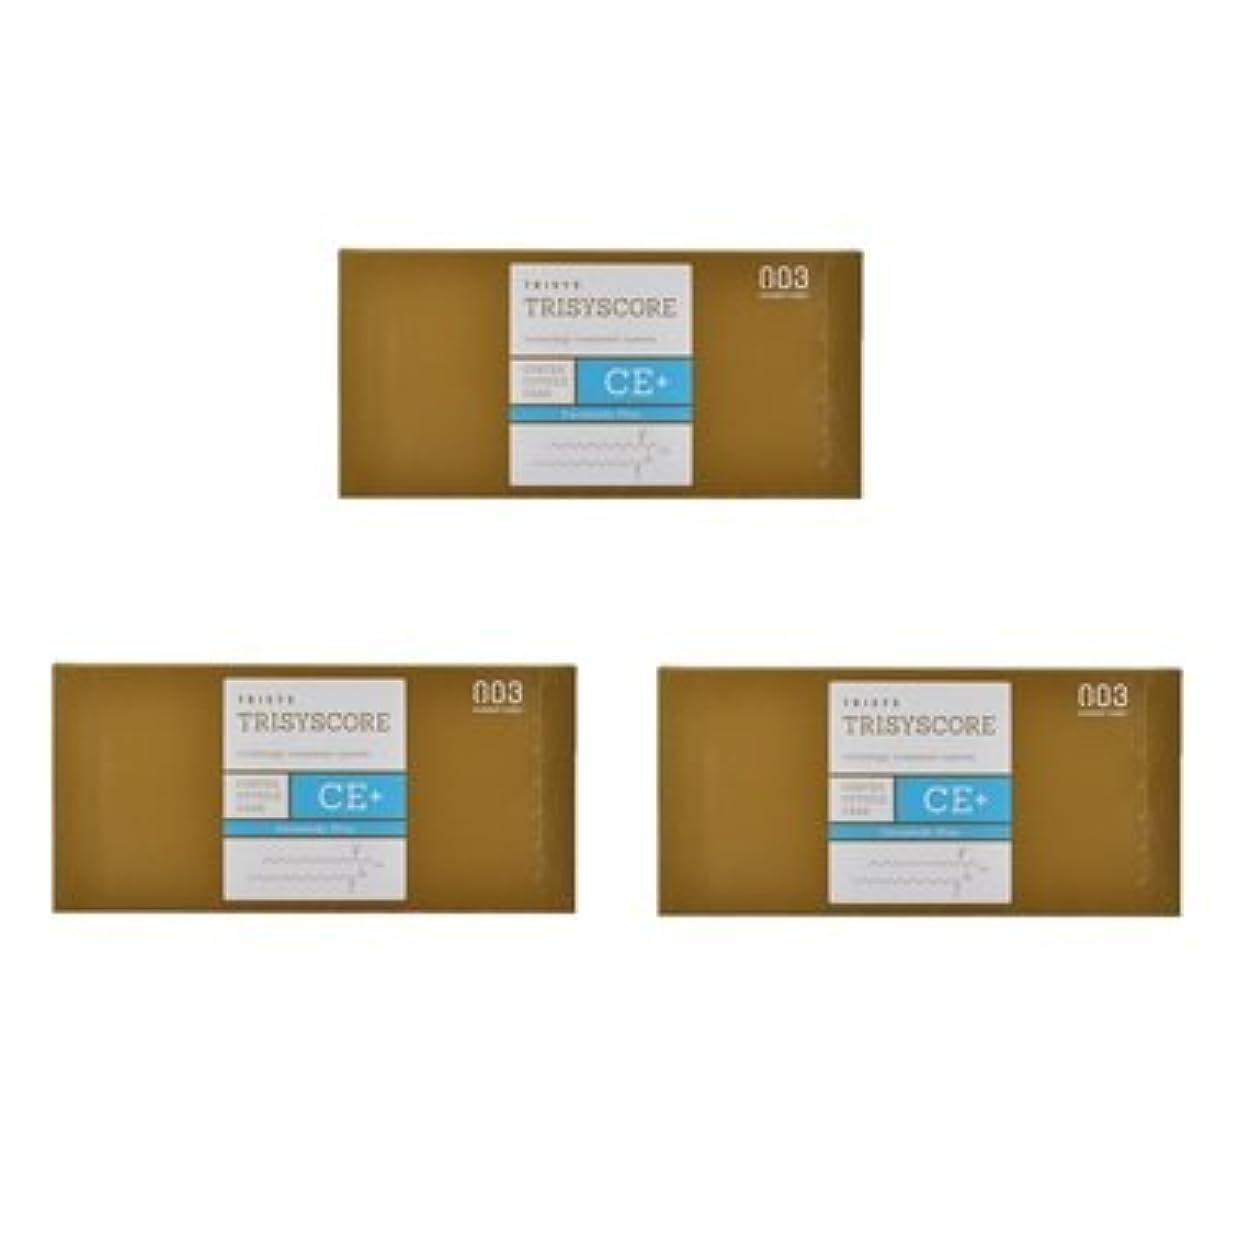 粗い本能力【X3個セット】ナンバースリー トリシスコア CEプラス (ヘアトリートメント) 12g × 4包入り